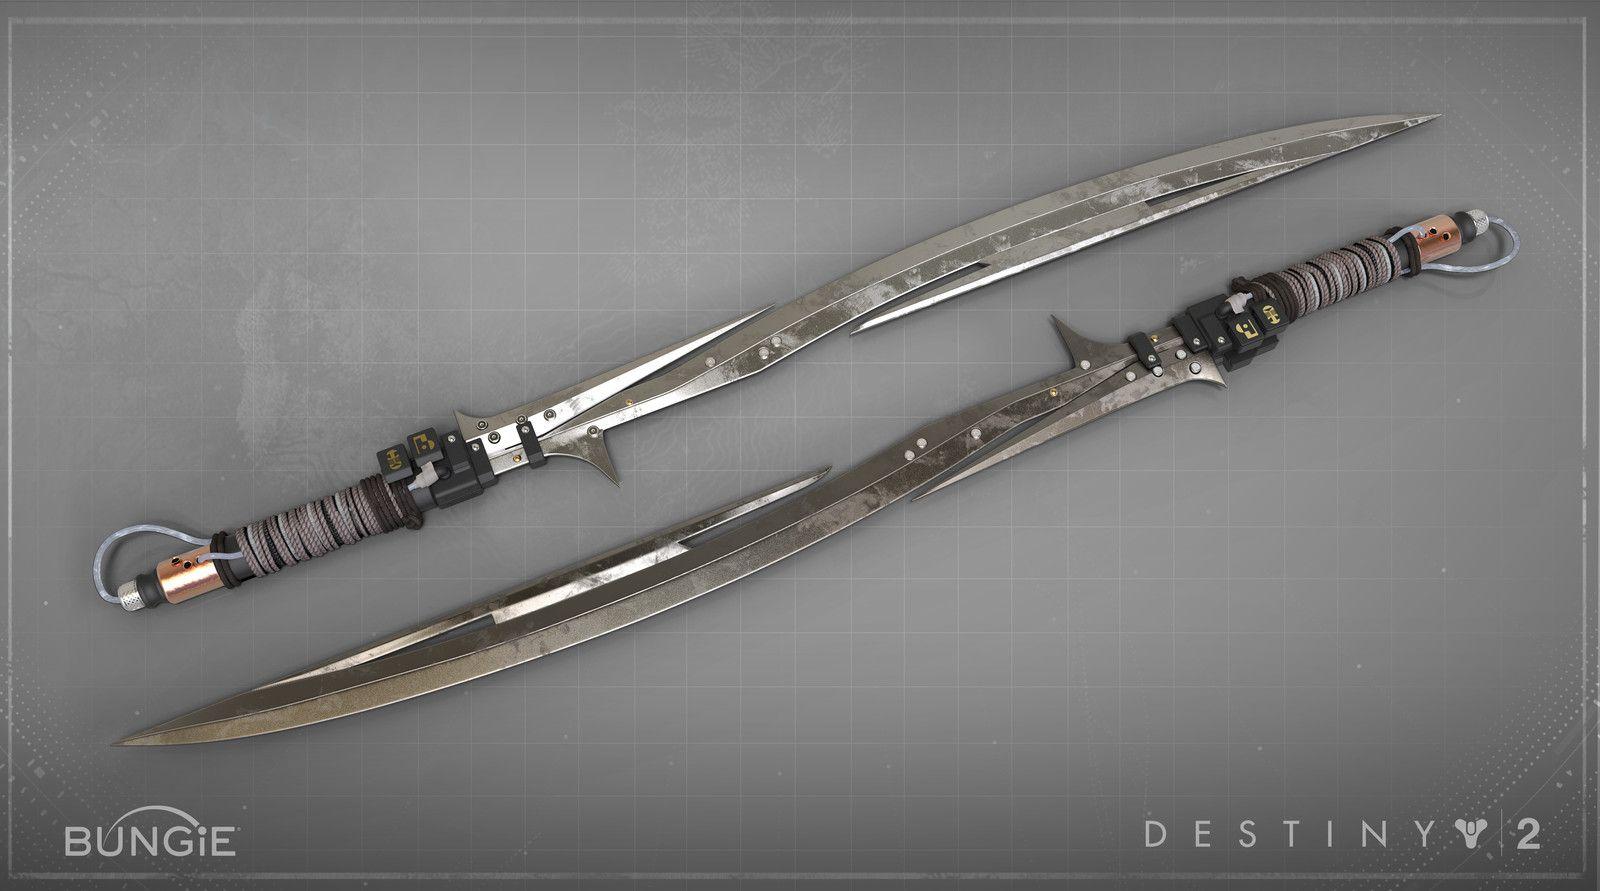 Destiny 2 Curse Of Osiris Sword Matt Lichy On ArtStation At